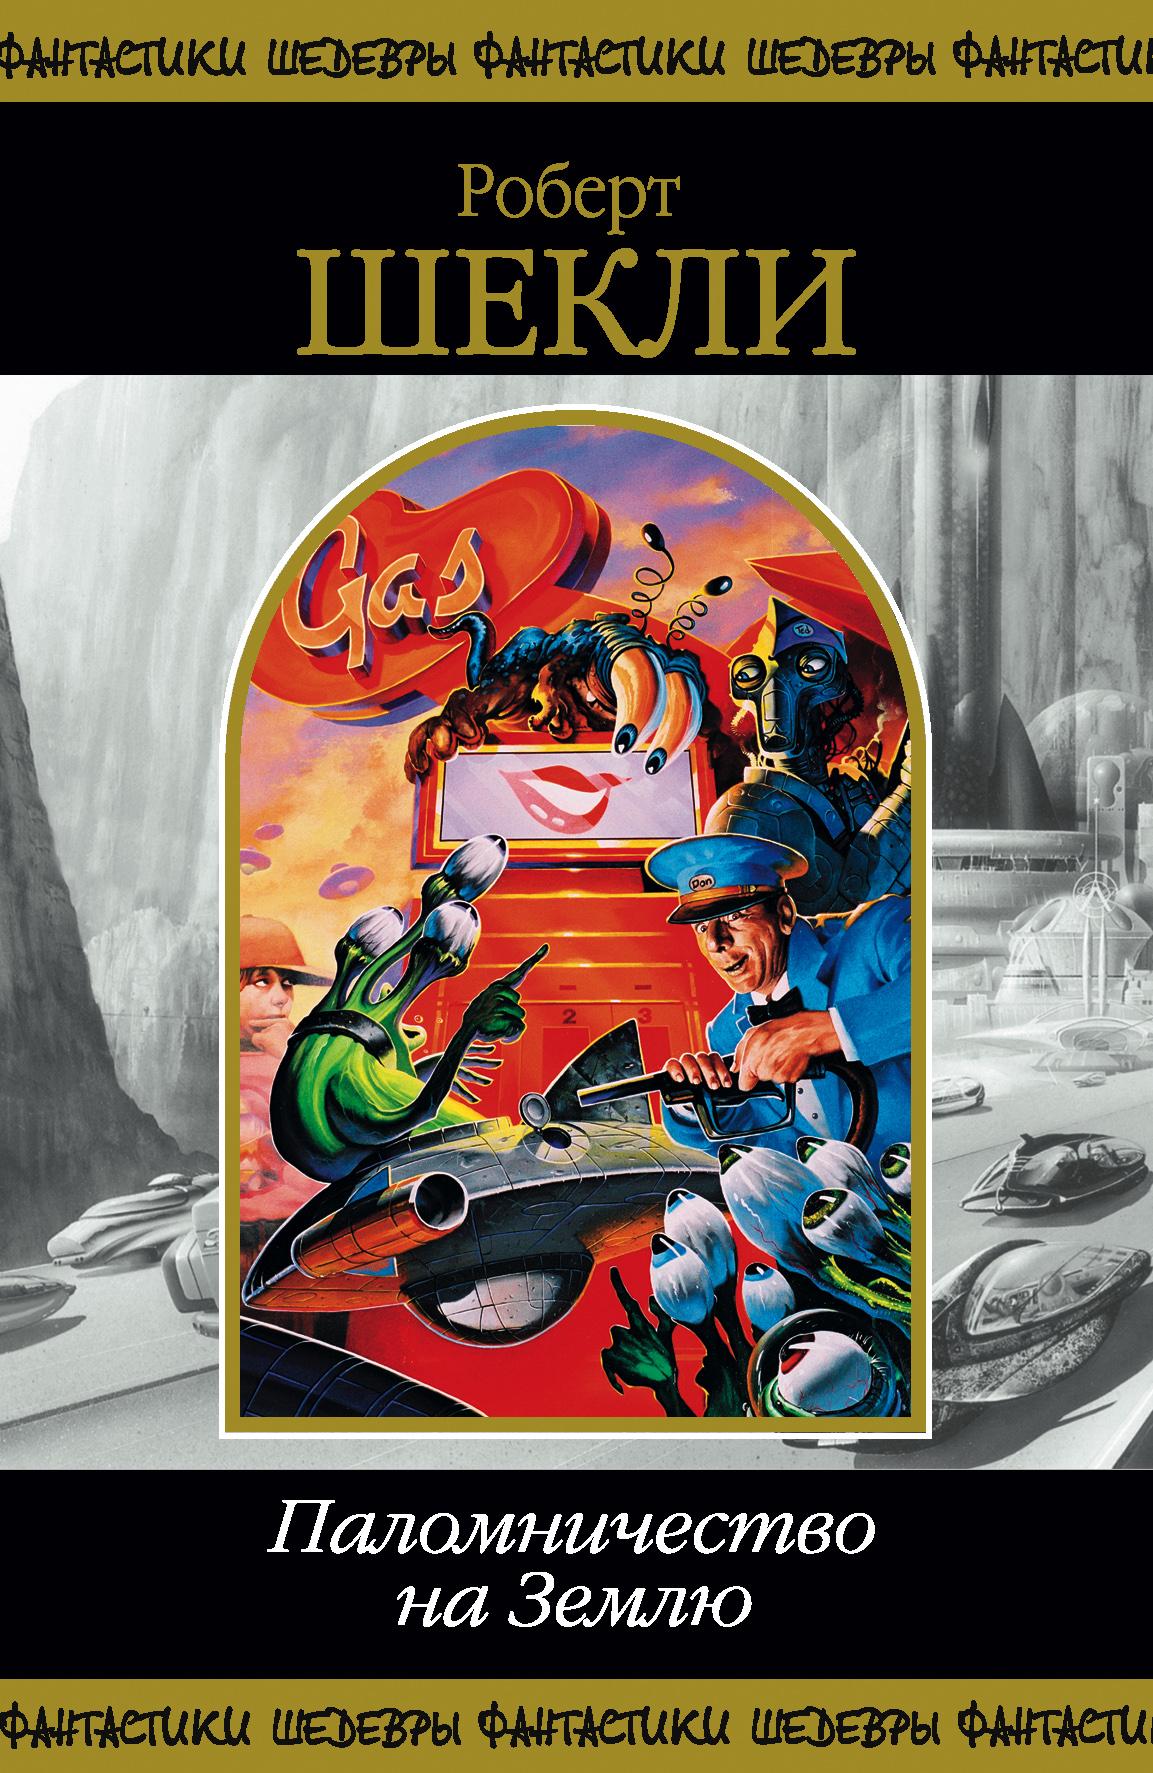 Билет на планету транай (сборник) скачать книгу роберта шекли.